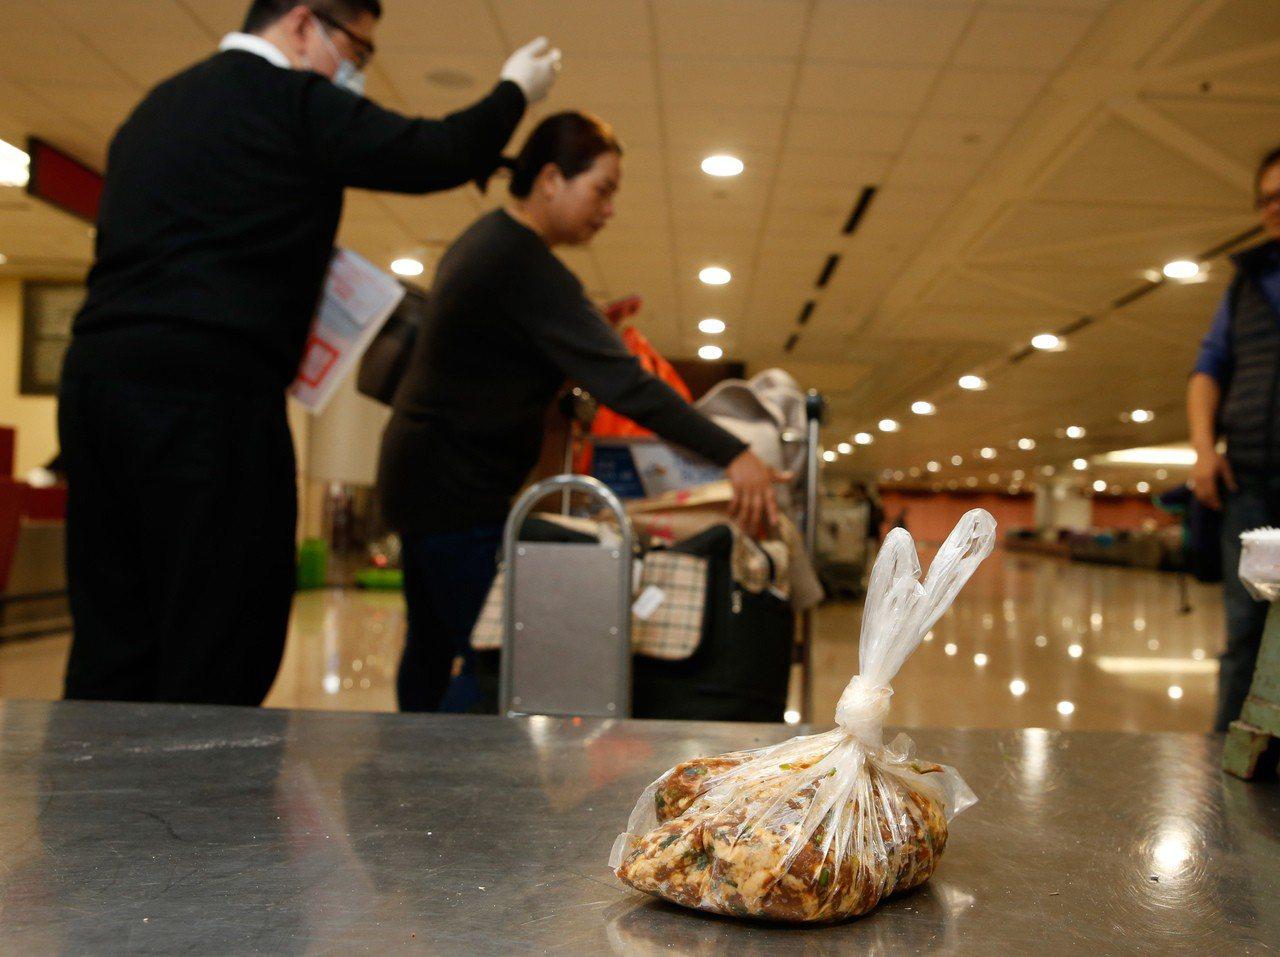 遏止旅客違規攜帶肉製產品入境,農委會祭出重罰,但桃園機場幾乎每天都有旅客違規受罰...